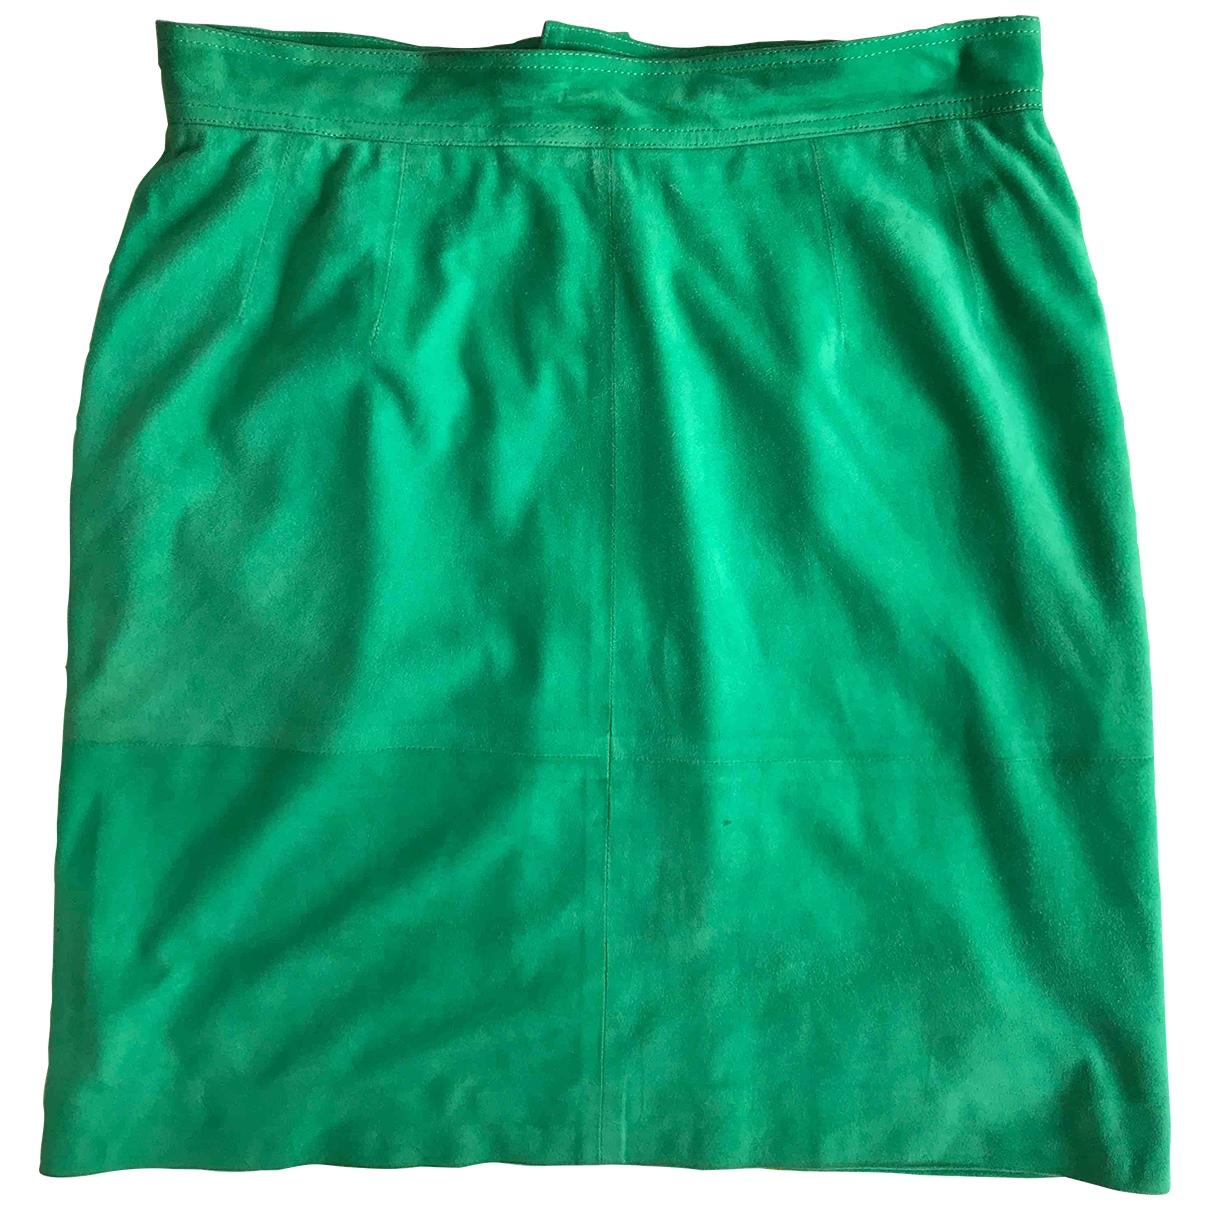 Loewe \N Green Suede skirt for Women L International